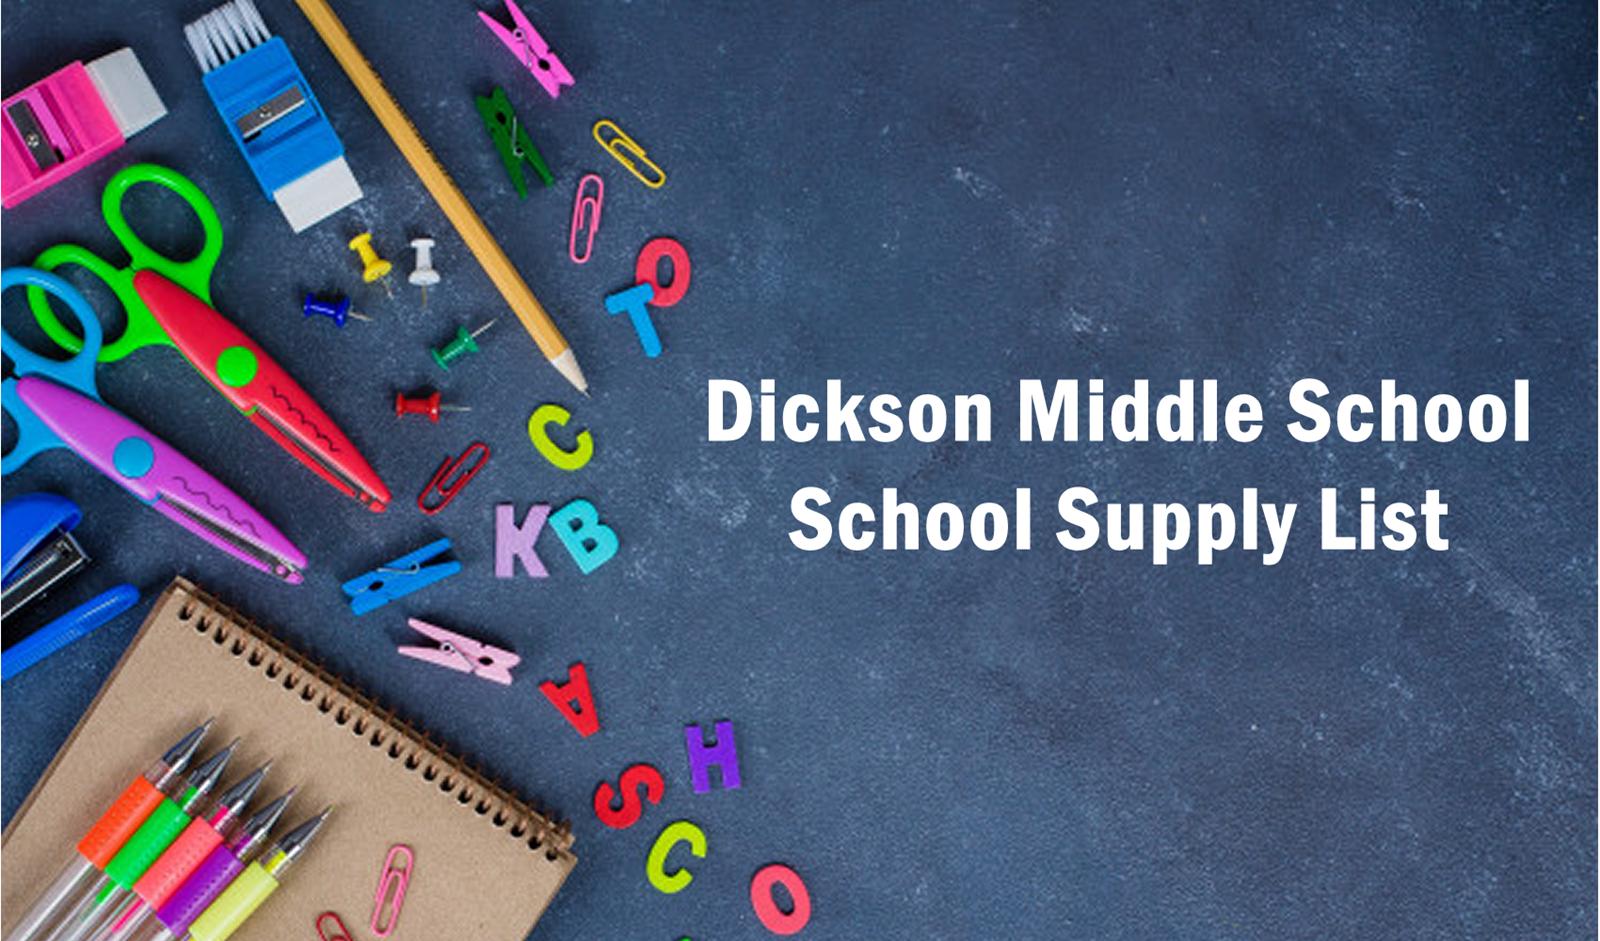 DMS Supplies